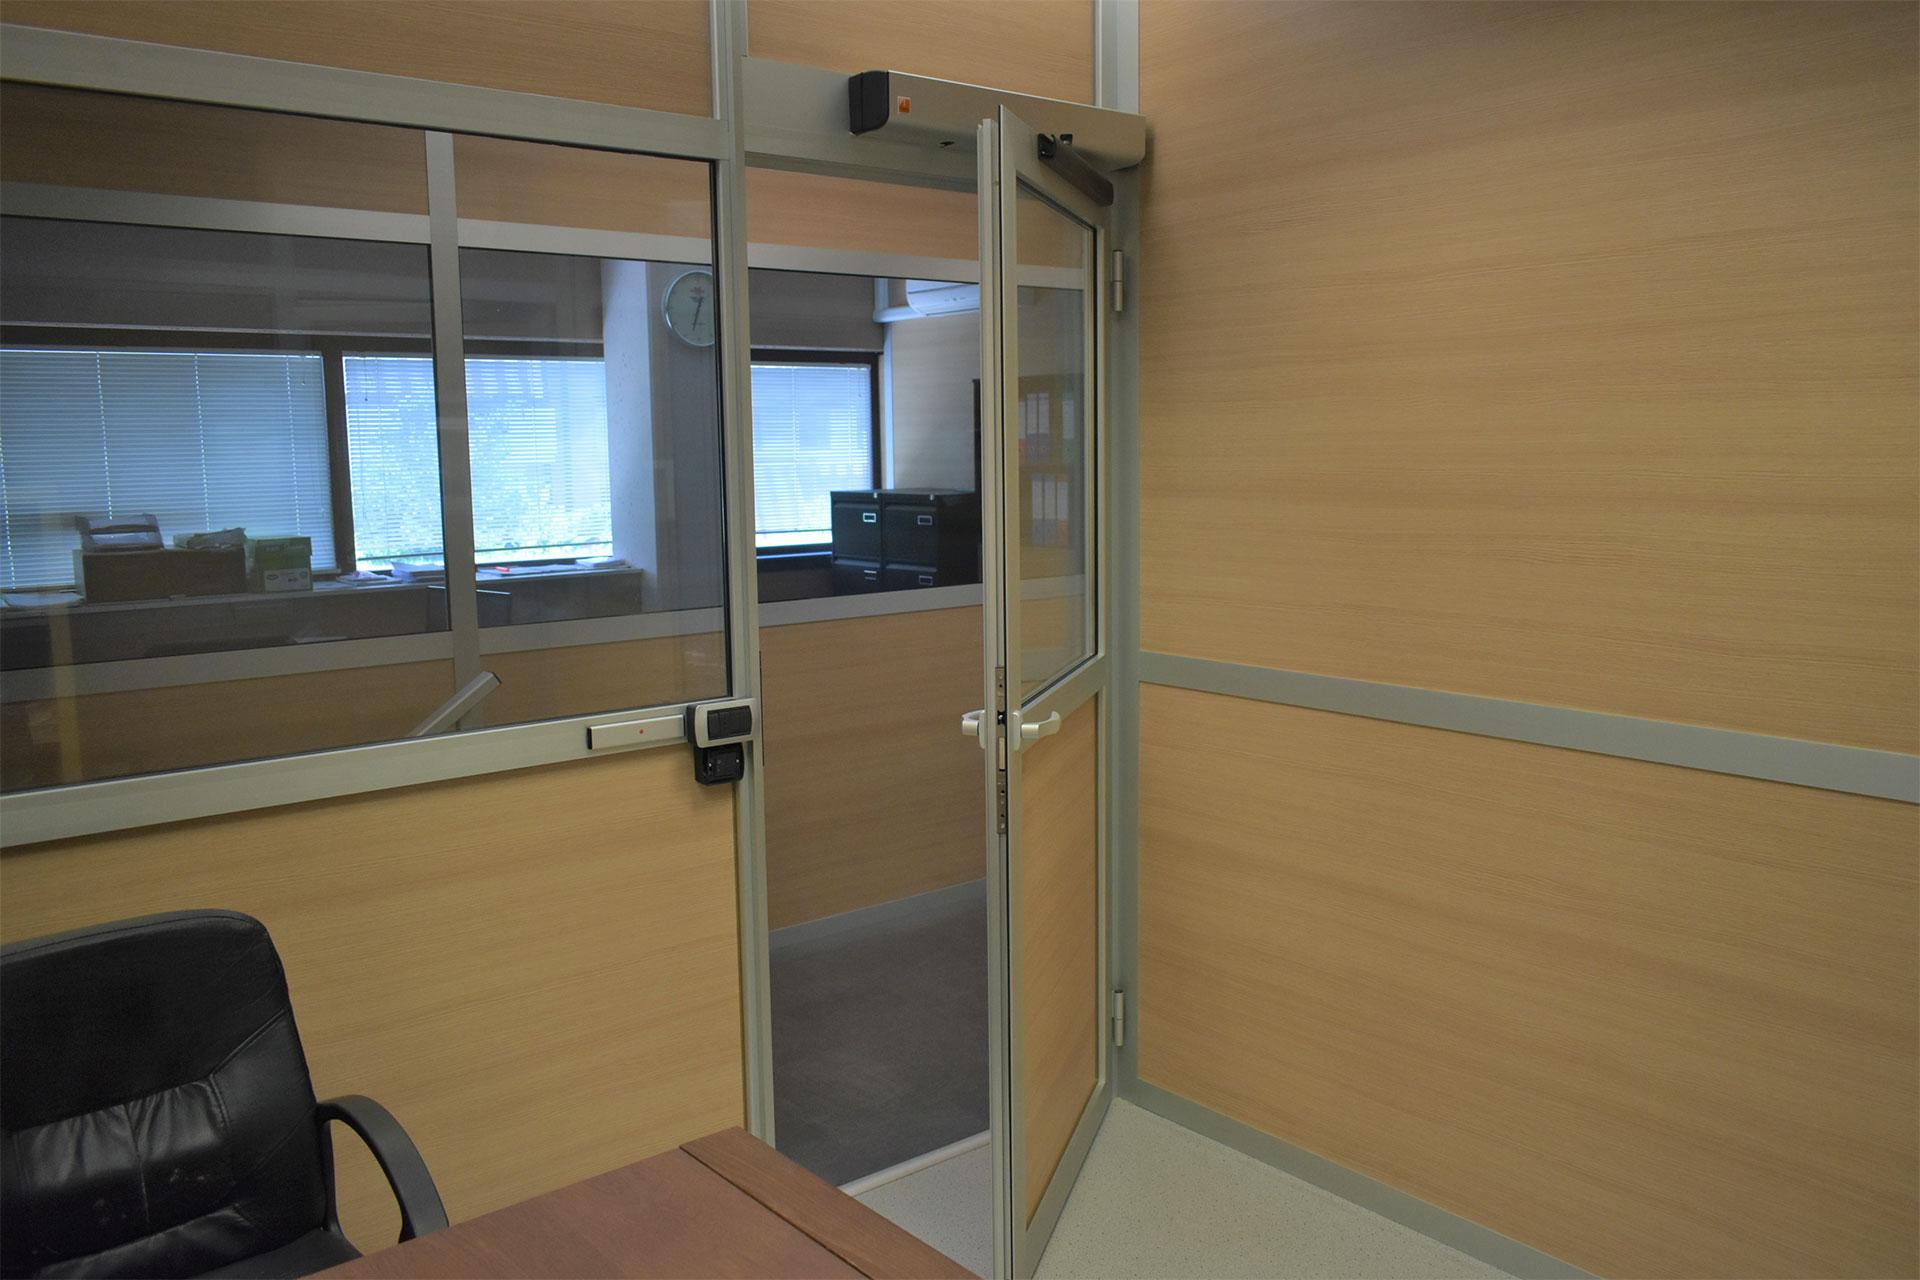 immagine-porta-automatica-swingo-doormatica